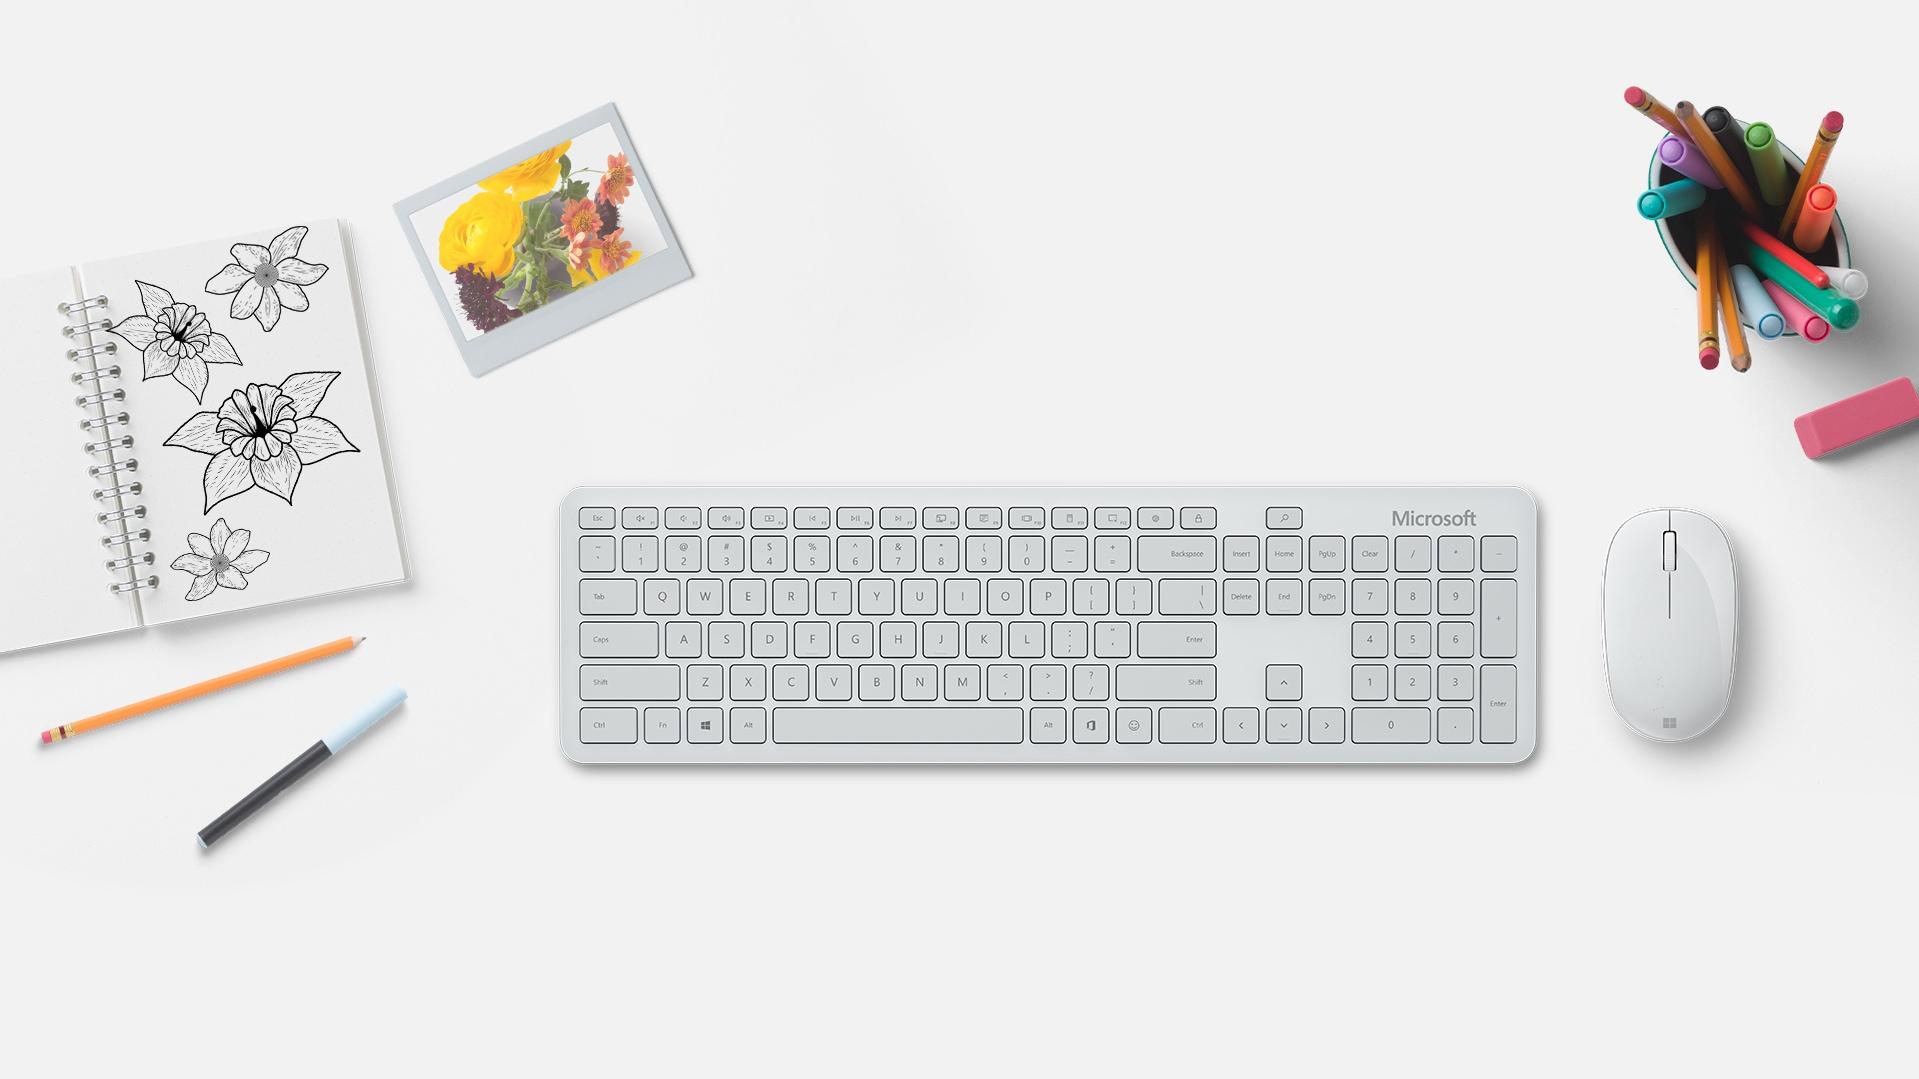 Microsoft Bluetooth-Tastatur neben einer Microsoft Bluetooth-Maus auf einem Schreibtisch mit Stift, Marker, Radierer und Skizzenbuch.